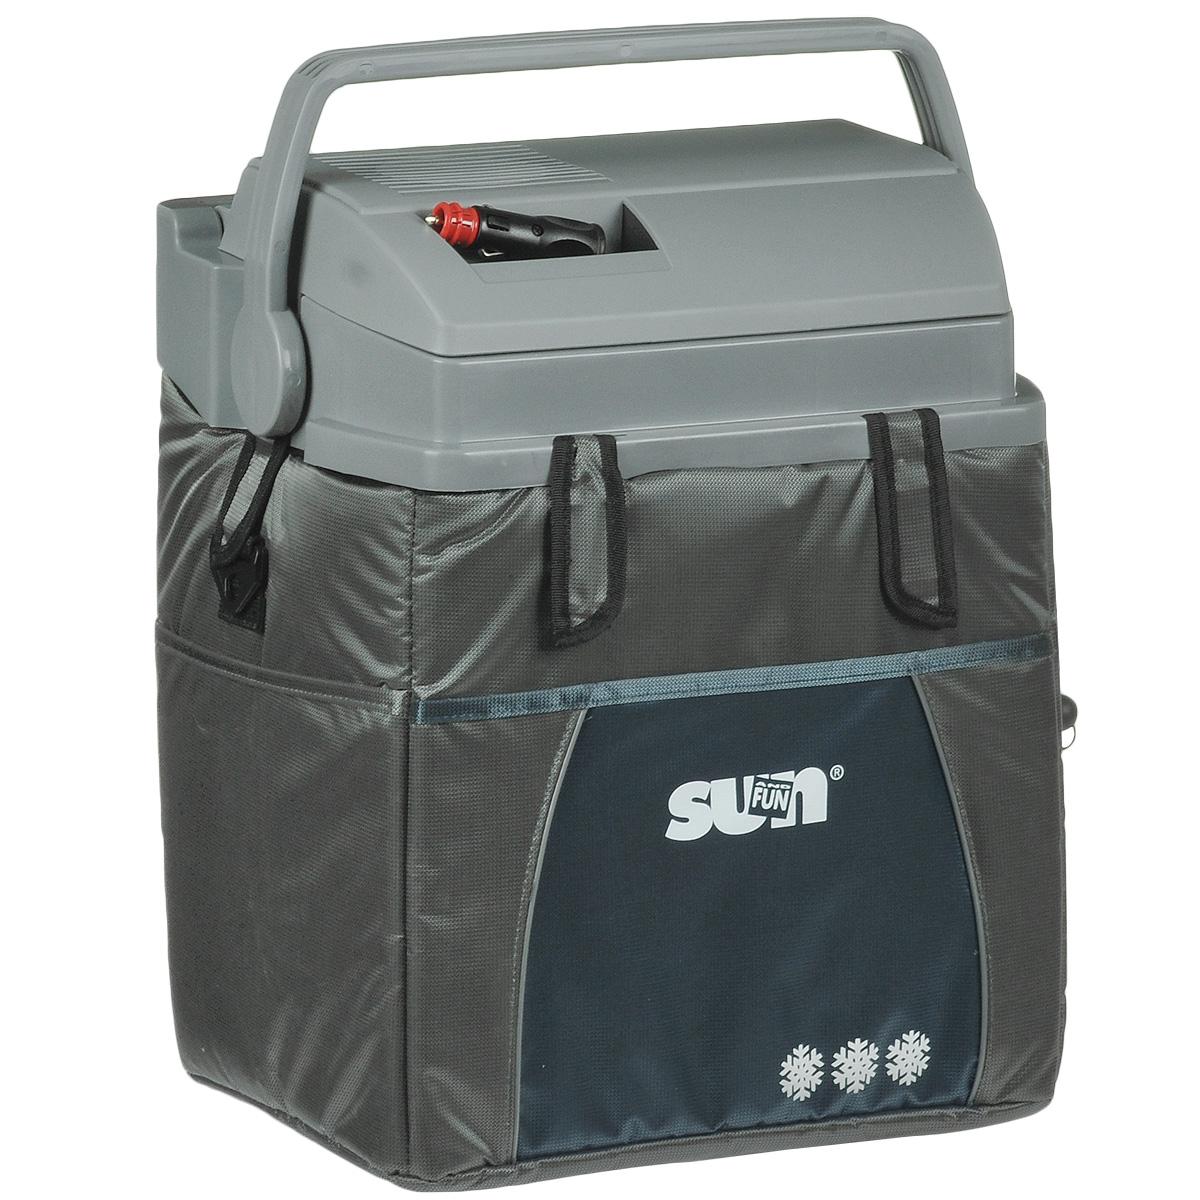 """Термоэлектрический контейнер охлаждения Ezetil """"ESC 21 Sun & Fun 12V"""", цвет: серый, 19,6 л"""